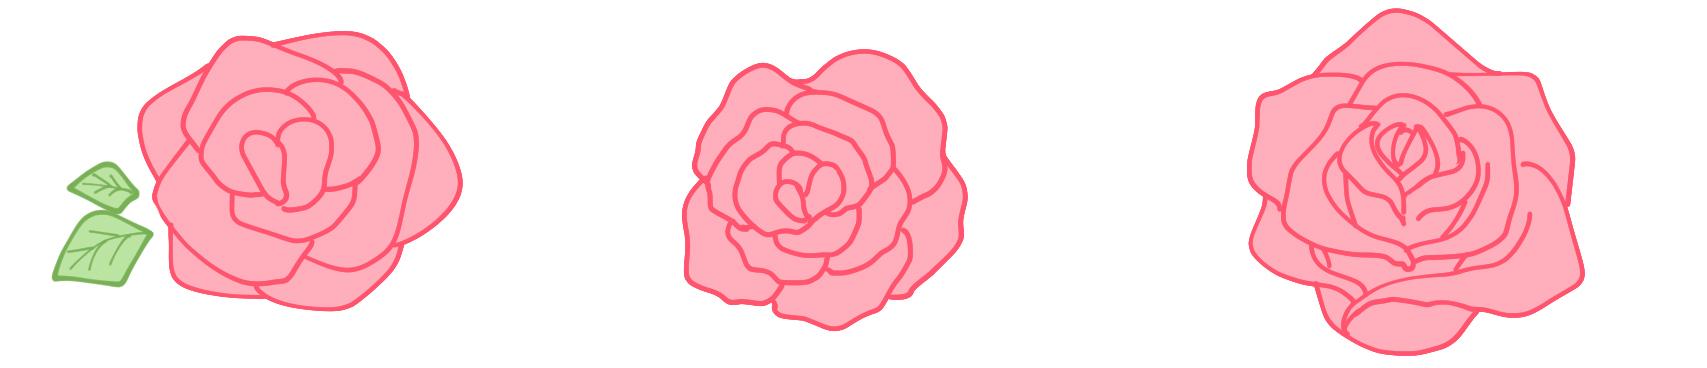 Einfach rosen malen 31 Rose